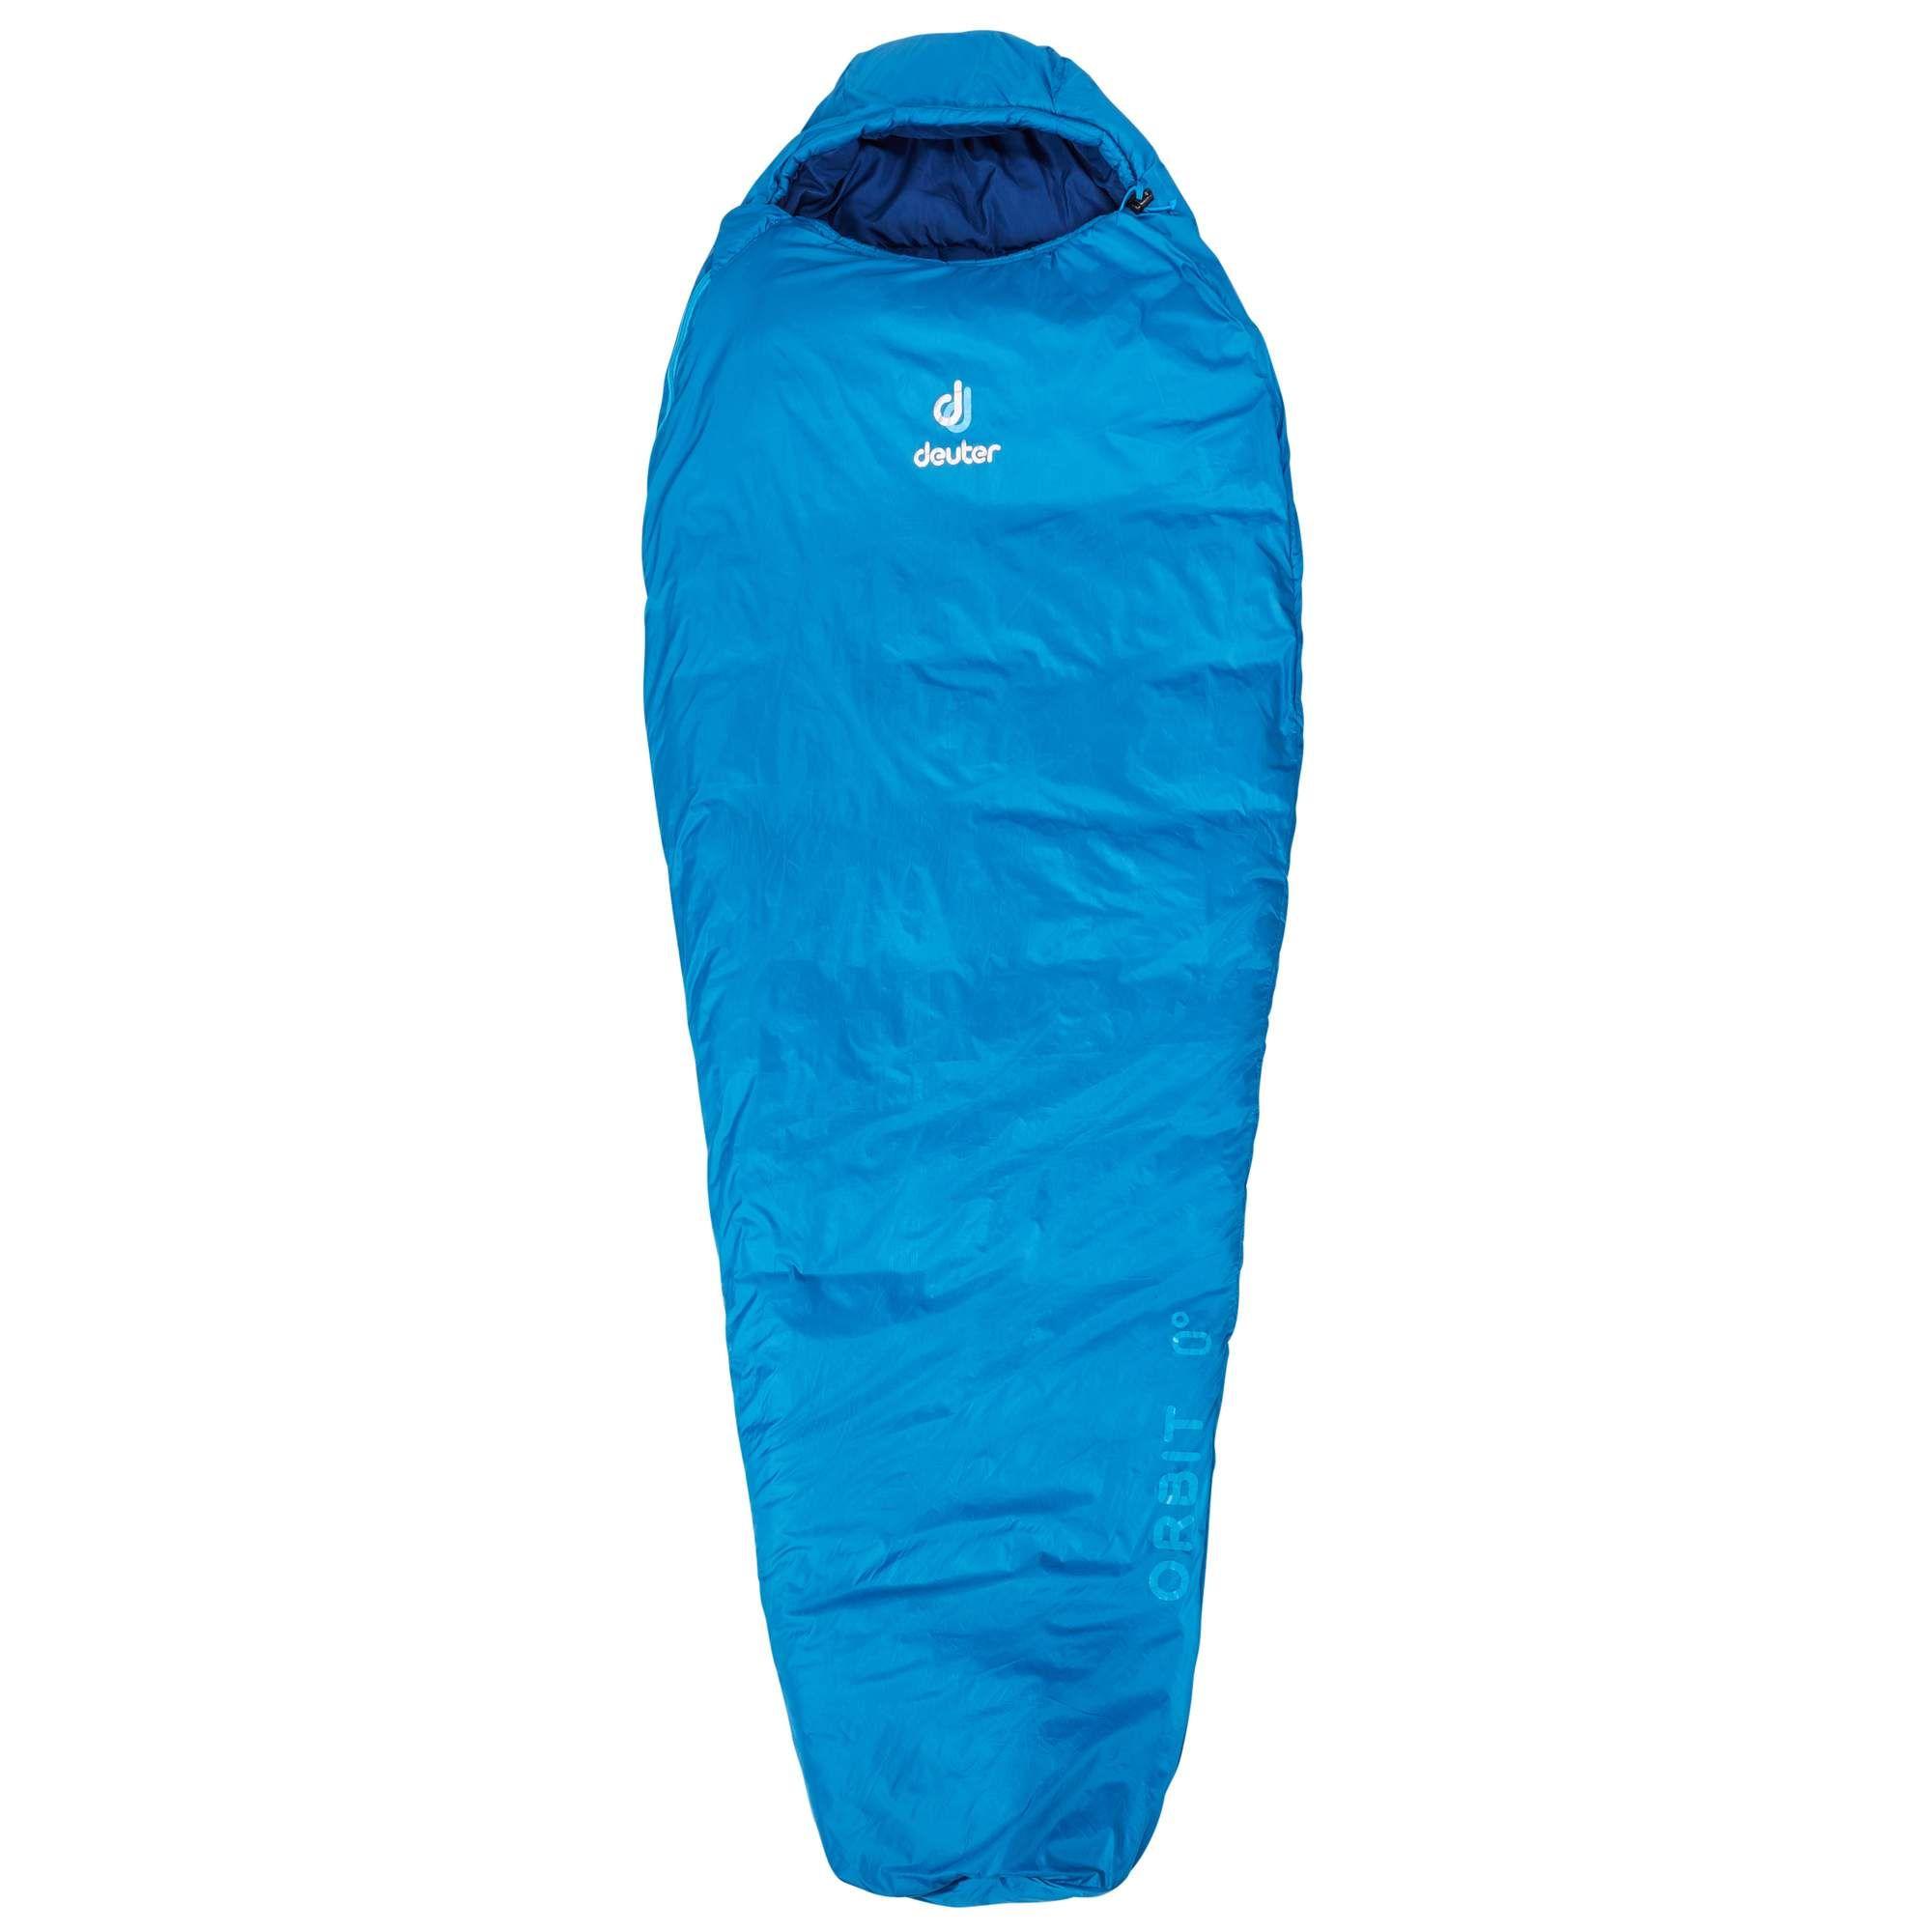 Спальный мешок Deuter Orbit 0° - фото 2